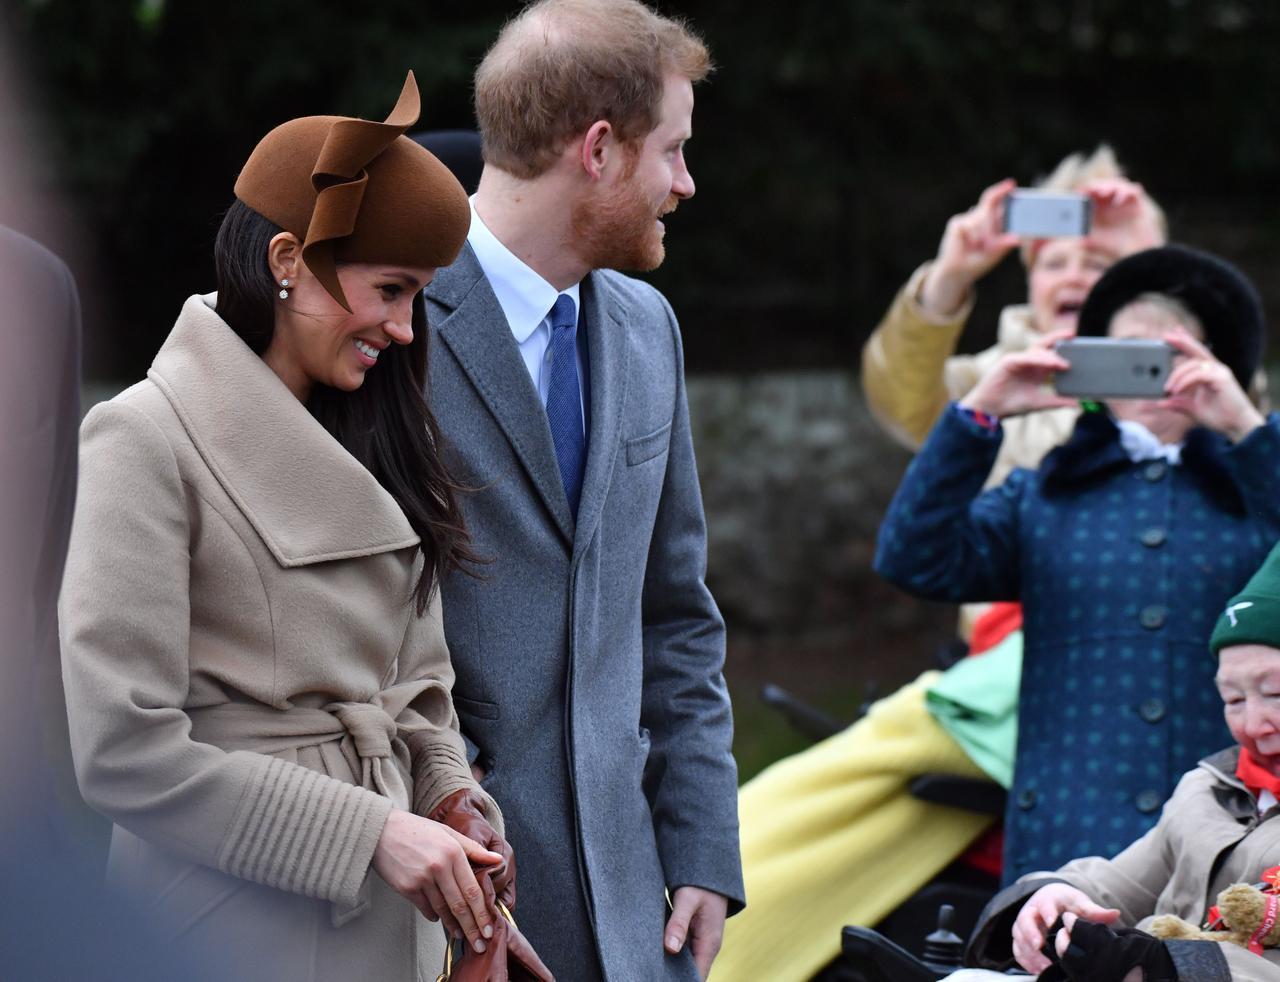 画像5: キャサリン妃とのショットも!ヘンリー王子の婚約者メーガン、英王室の恒例行事に参加